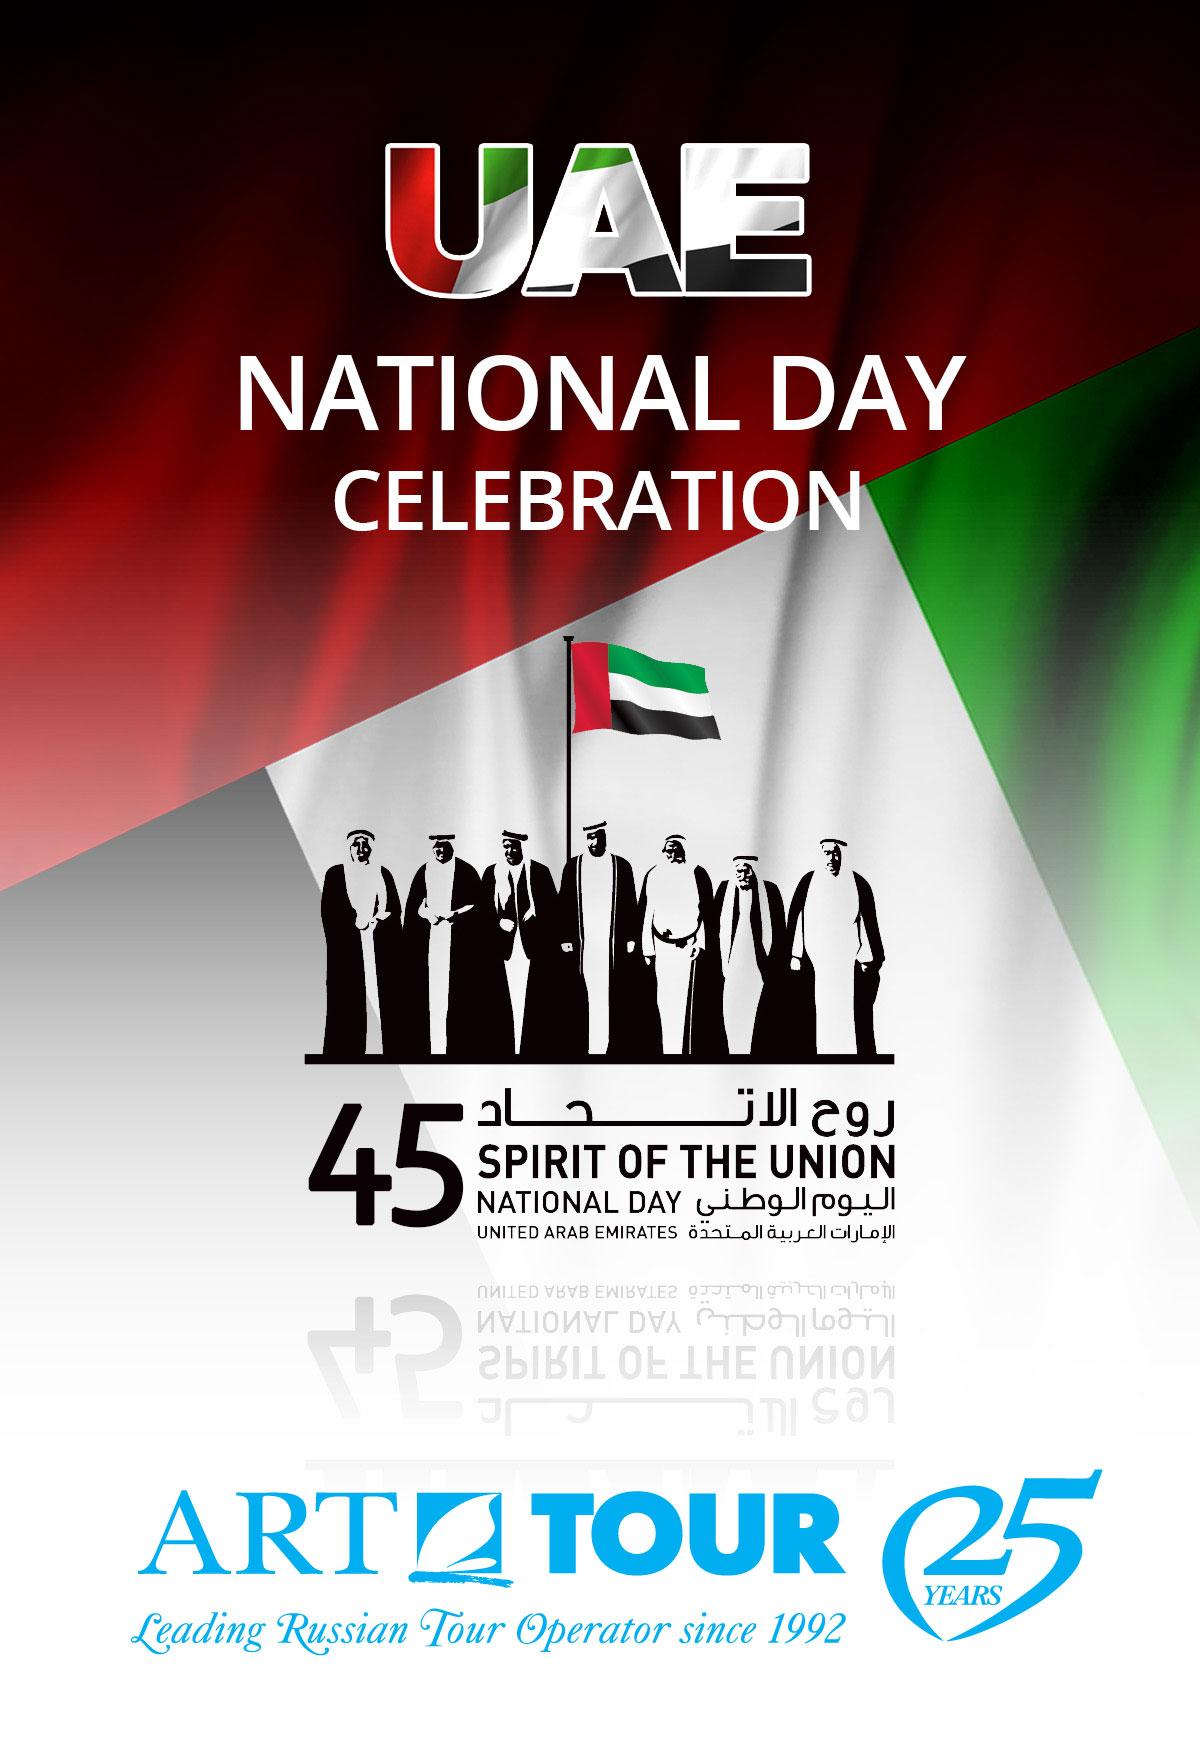 Объединенным Арабским Эмиратам 45 лет!